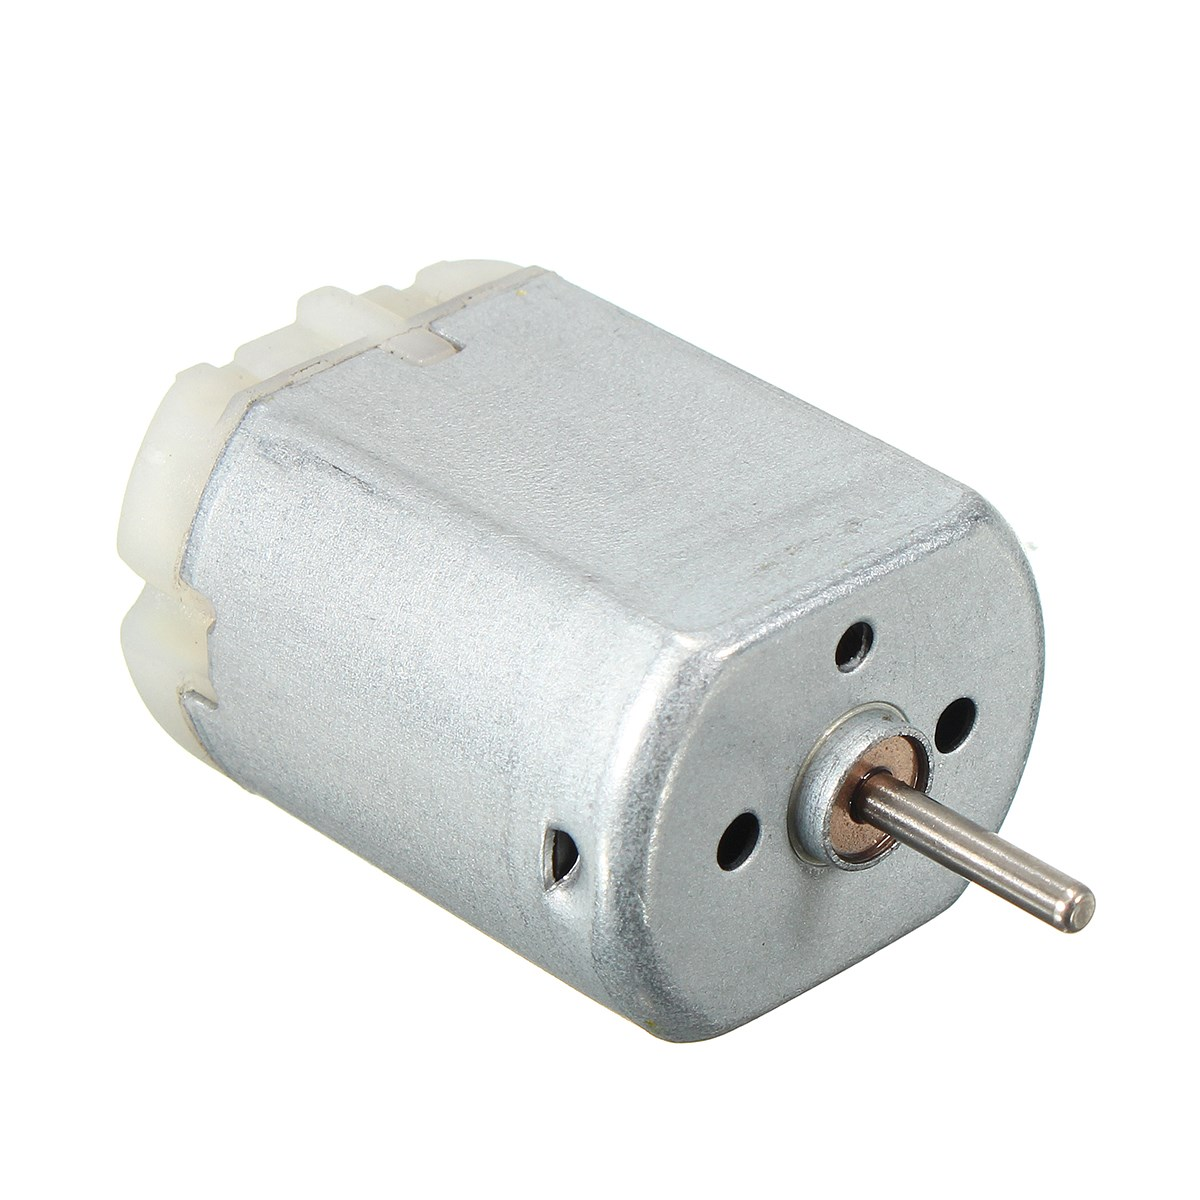 1/4pcs 10mm Car Door Lock Motor Actuator #FC-280PC-22125 For Lexus For Toyota Mabuchi